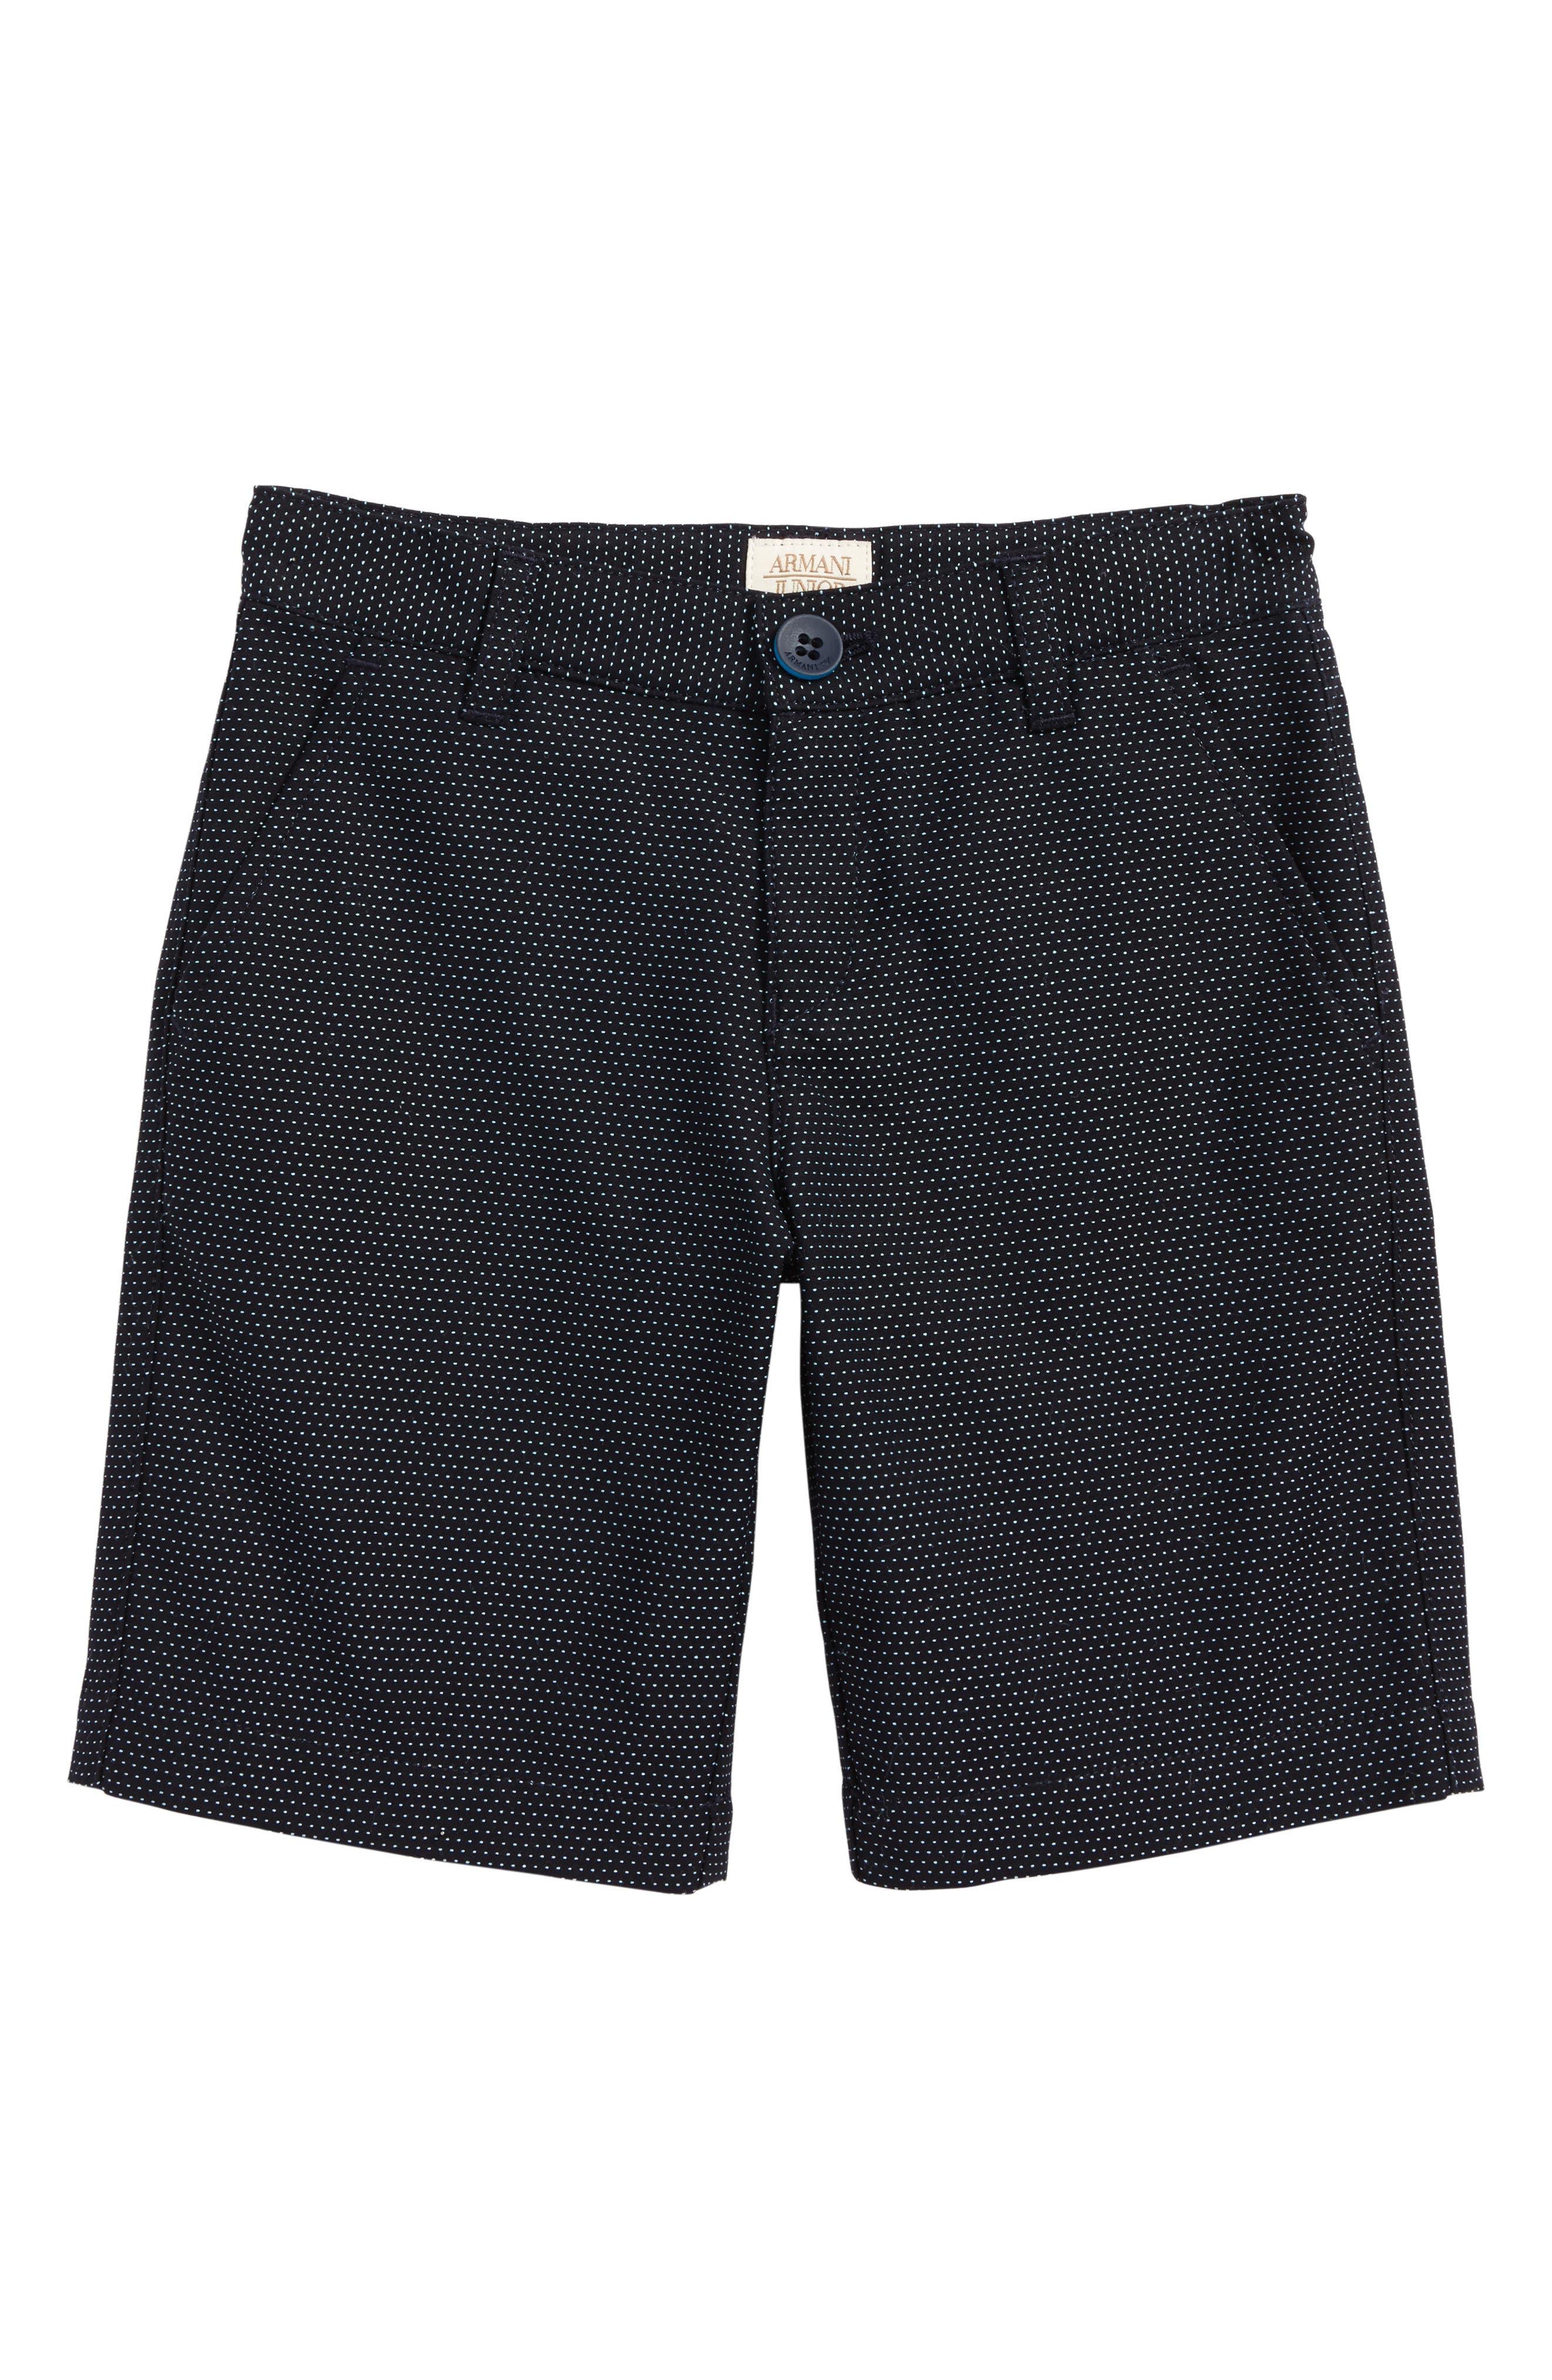 Microdot Shorts,                             Main thumbnail 1, color,                             484